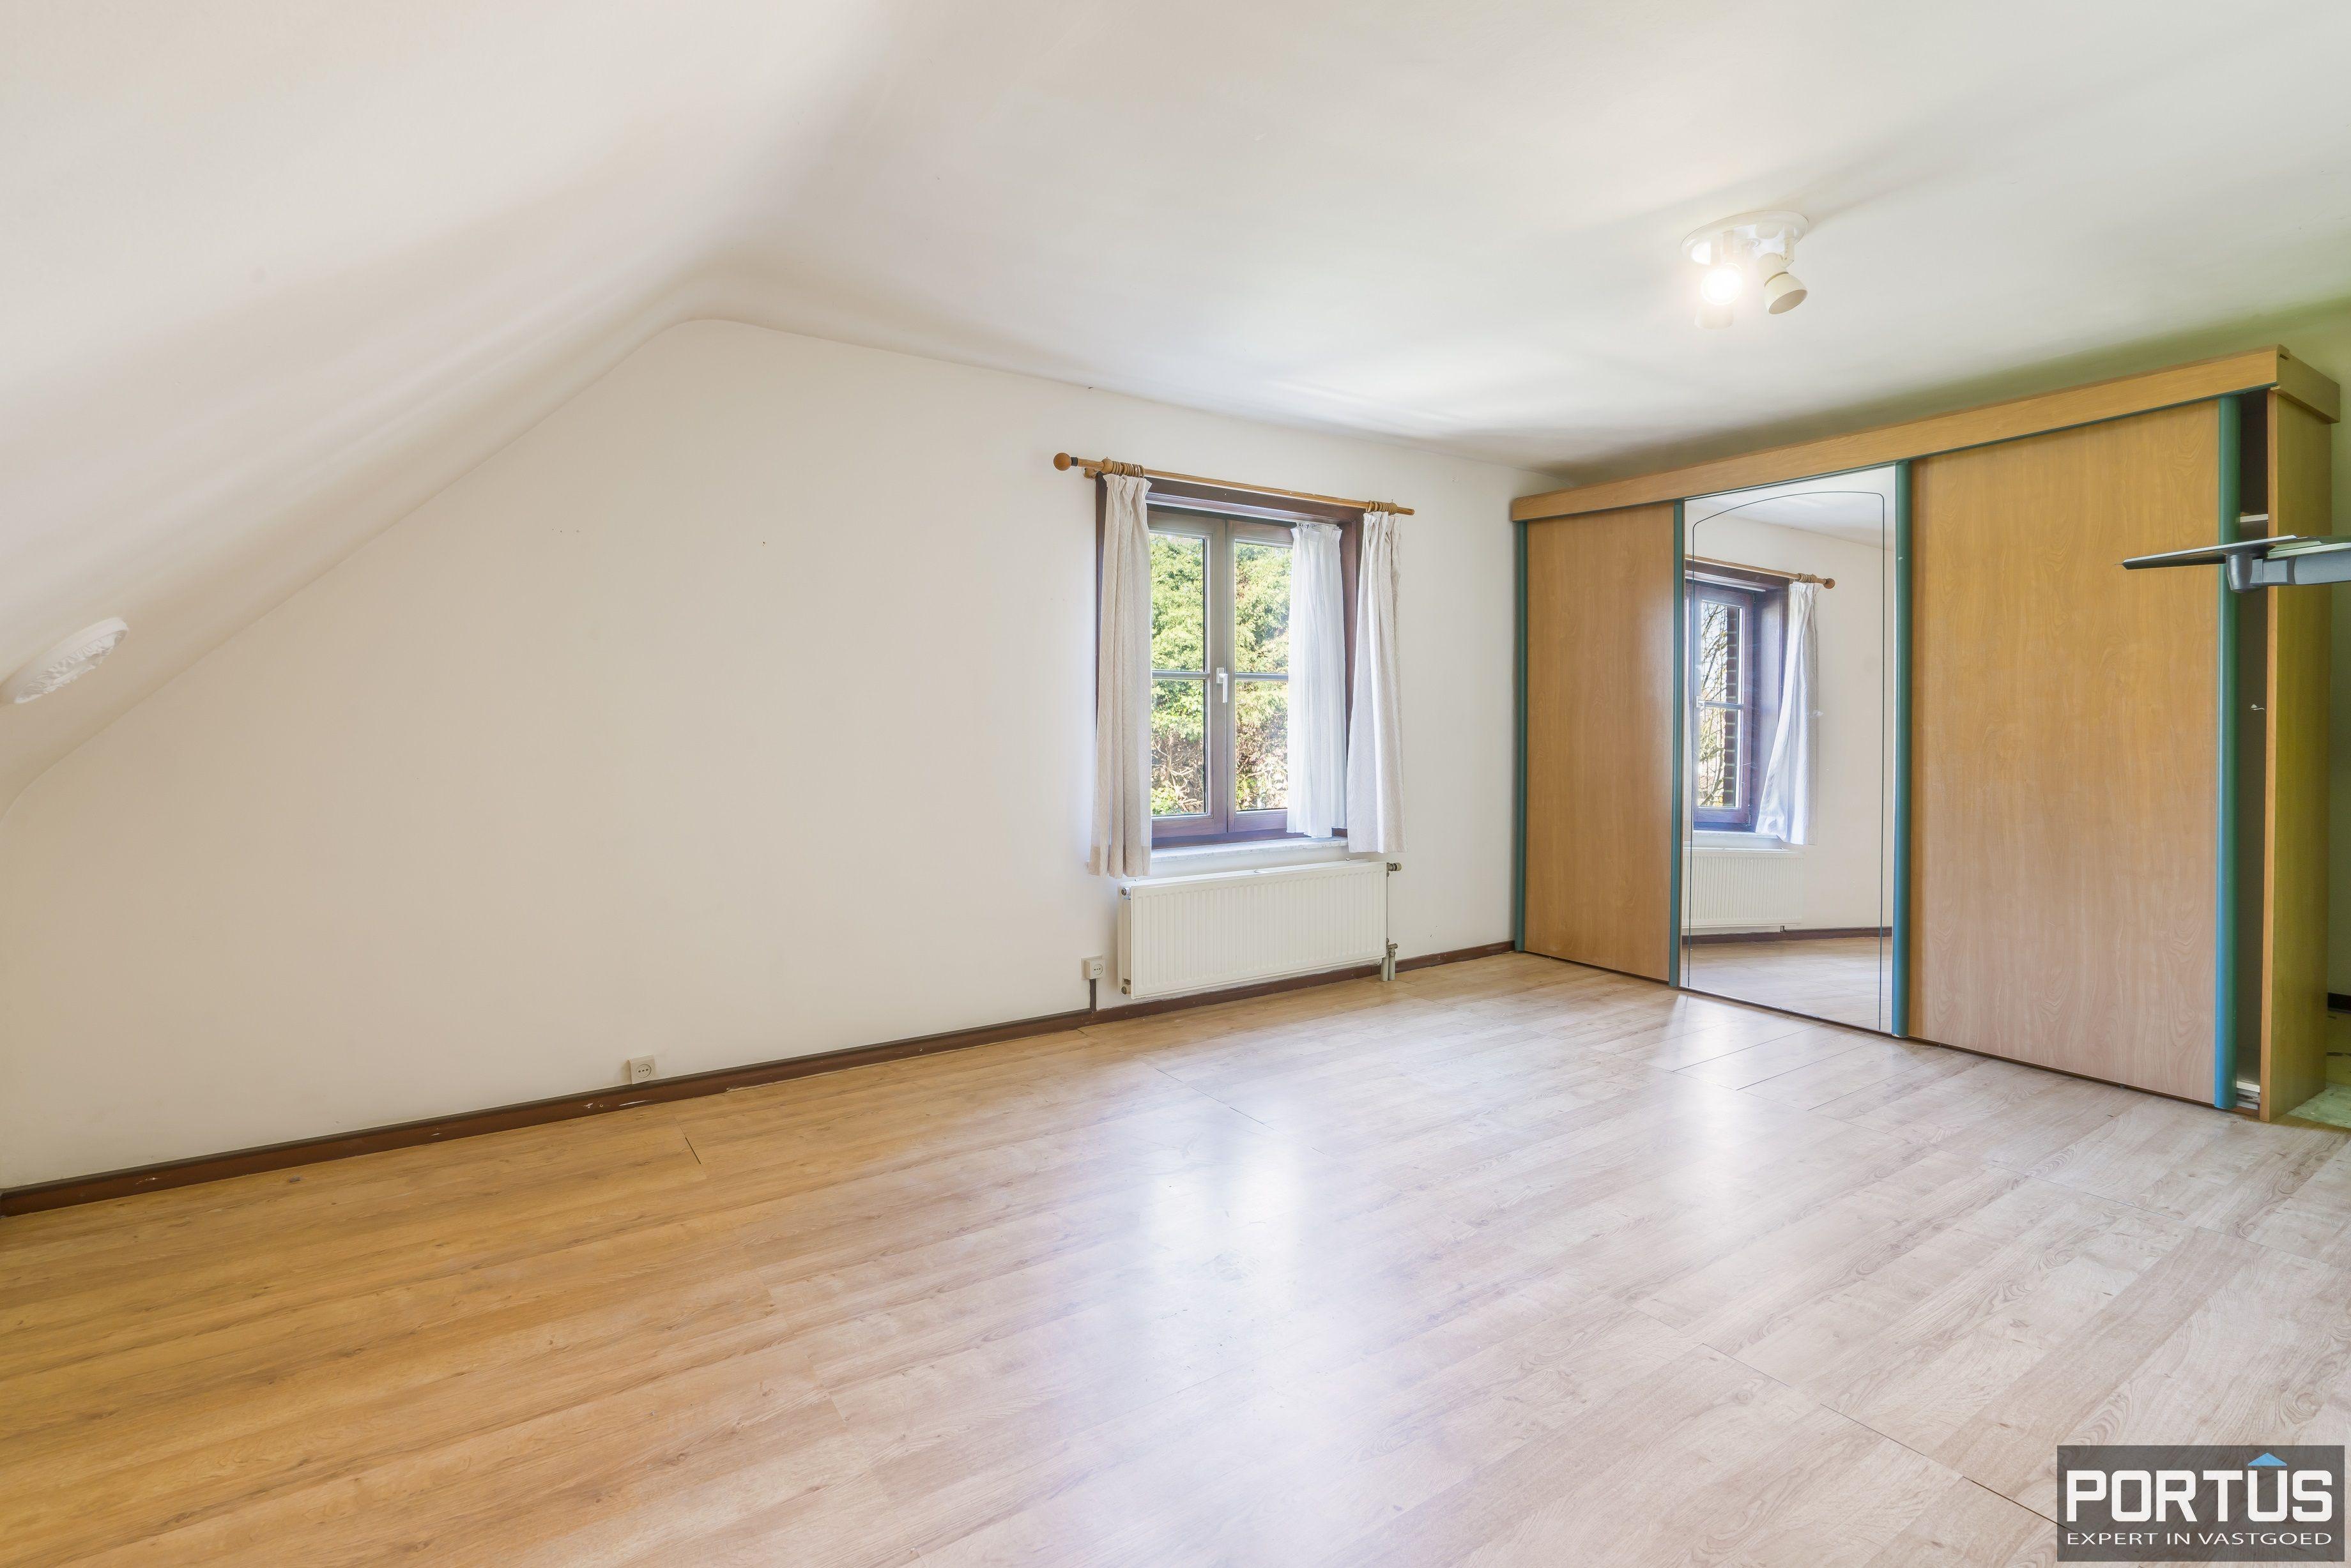 Villa te koop met 3 slaapkamers te Nieuwpoort - 13084